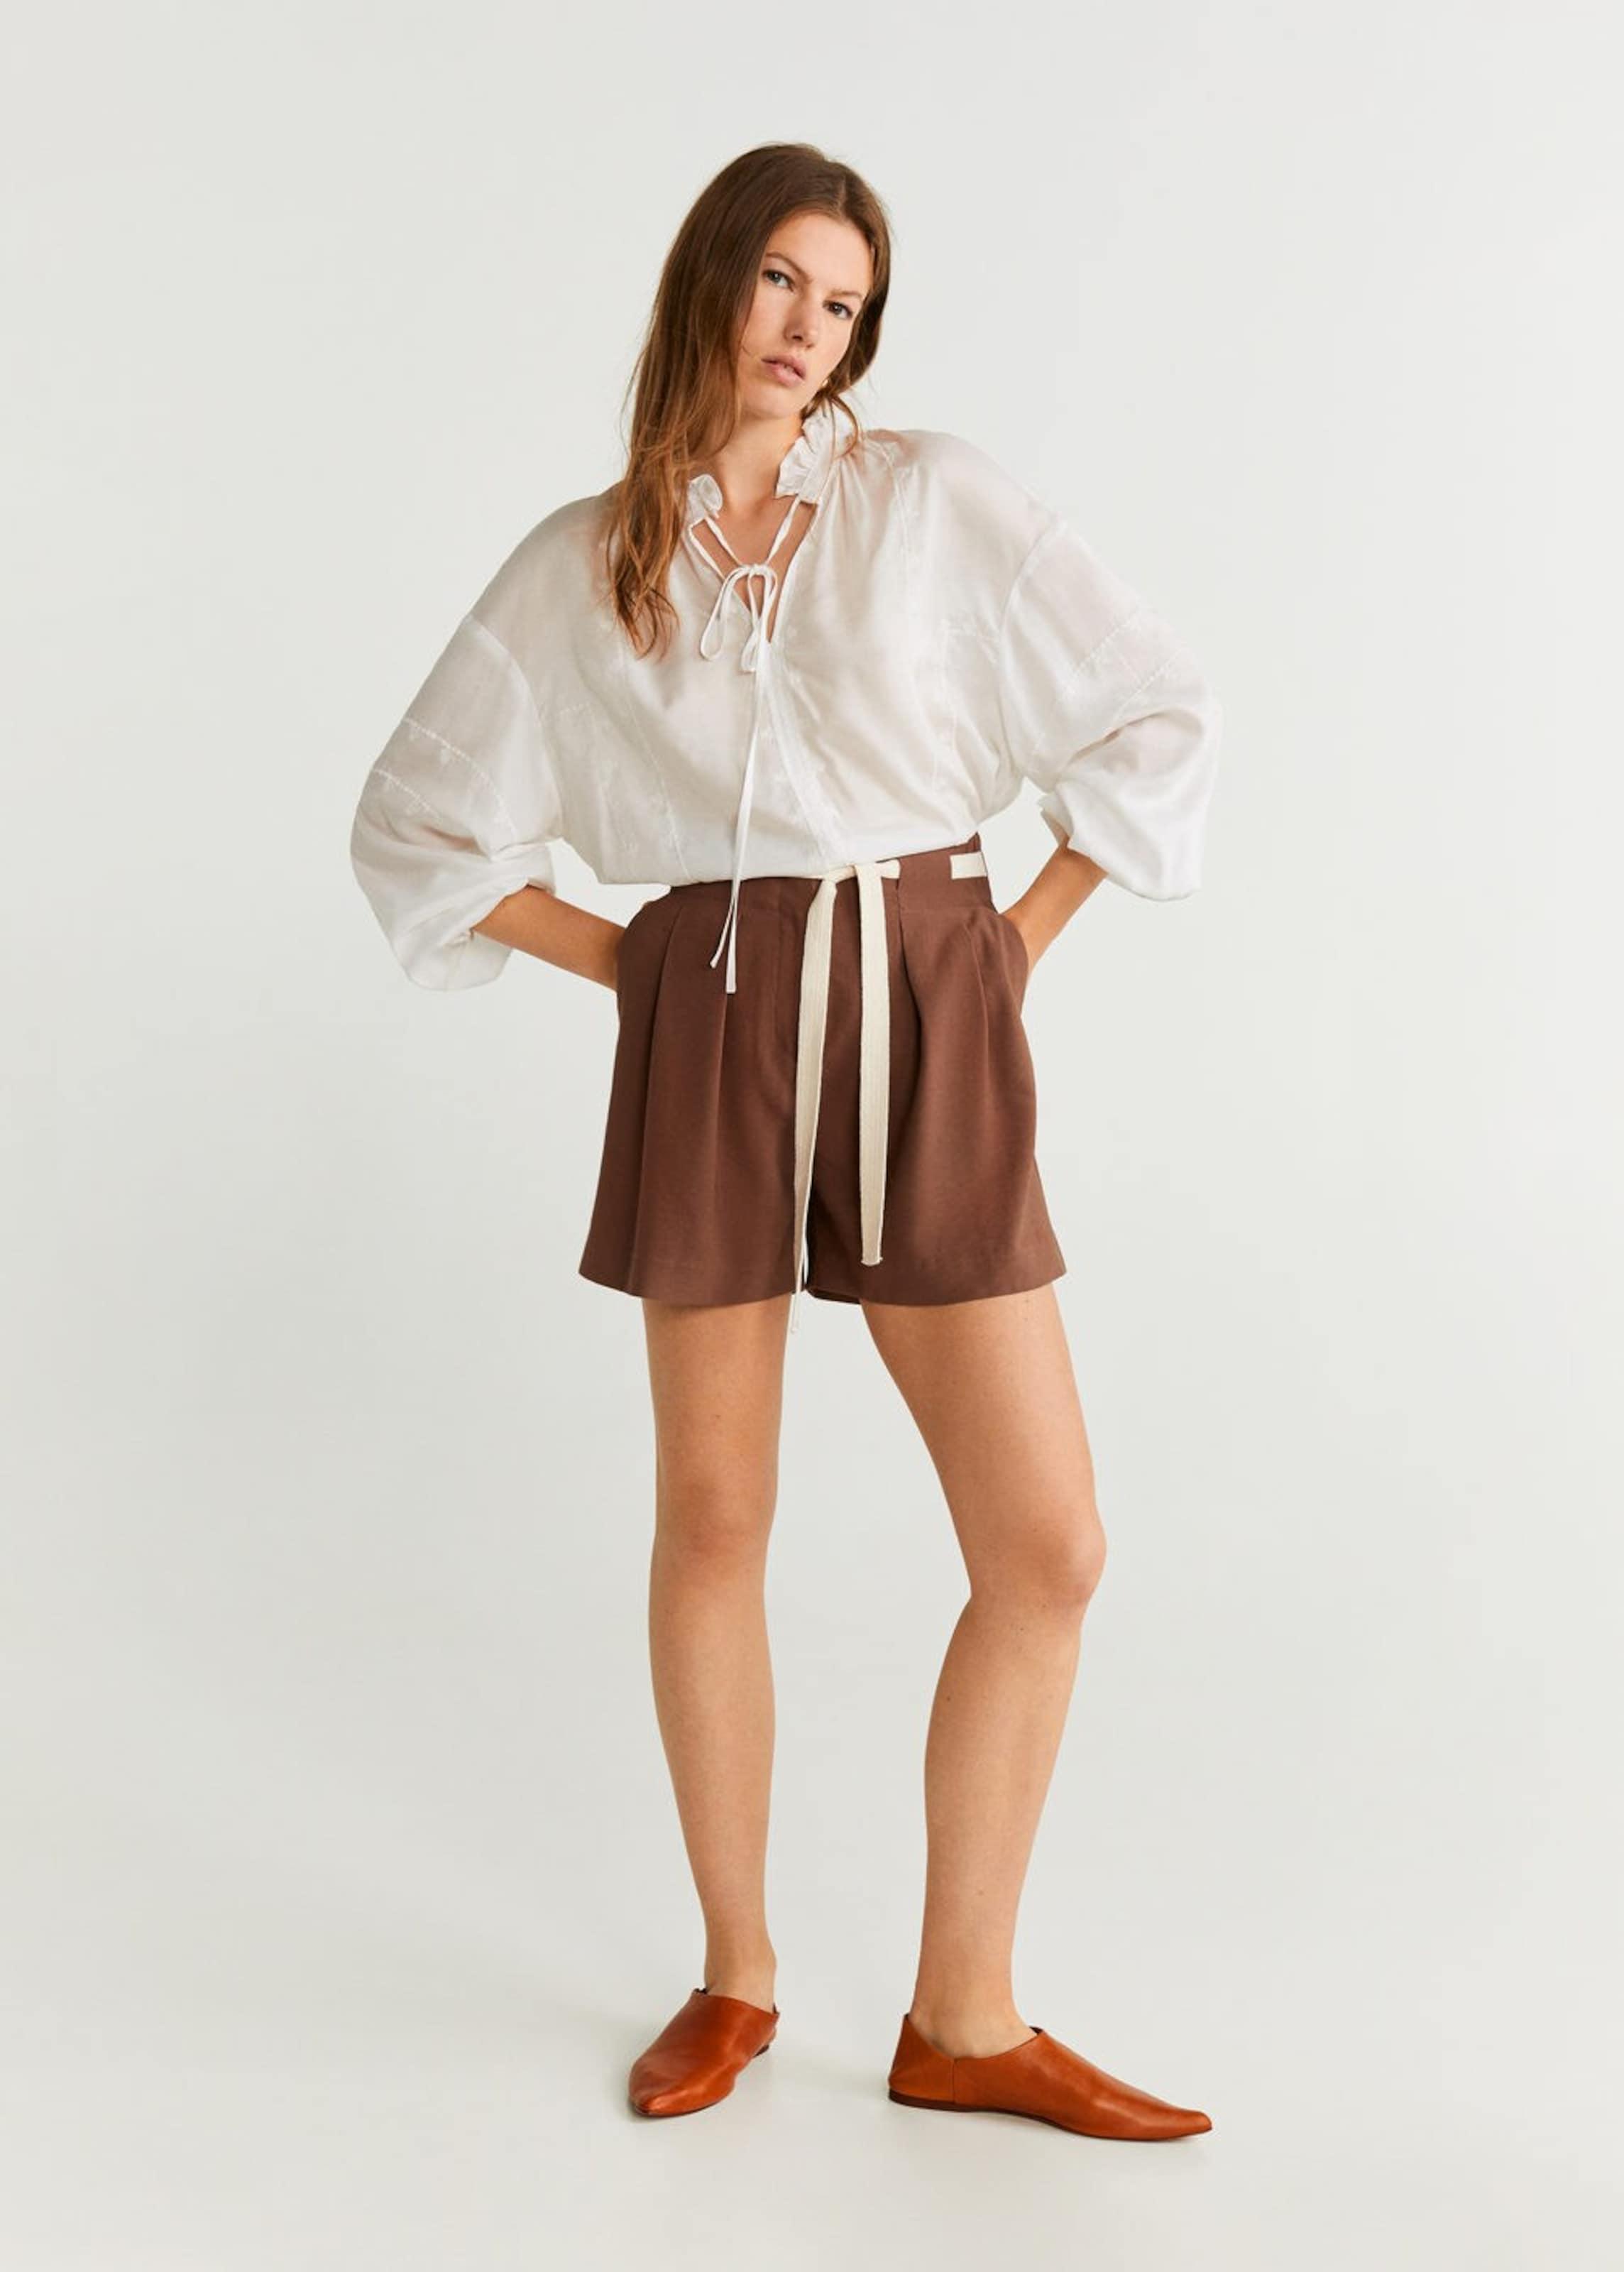 In In In Shorts Braun Shorts Mango 'peppa' Braun Shorts Mango 'peppa' 'peppa' Mango MSUzGqVpL